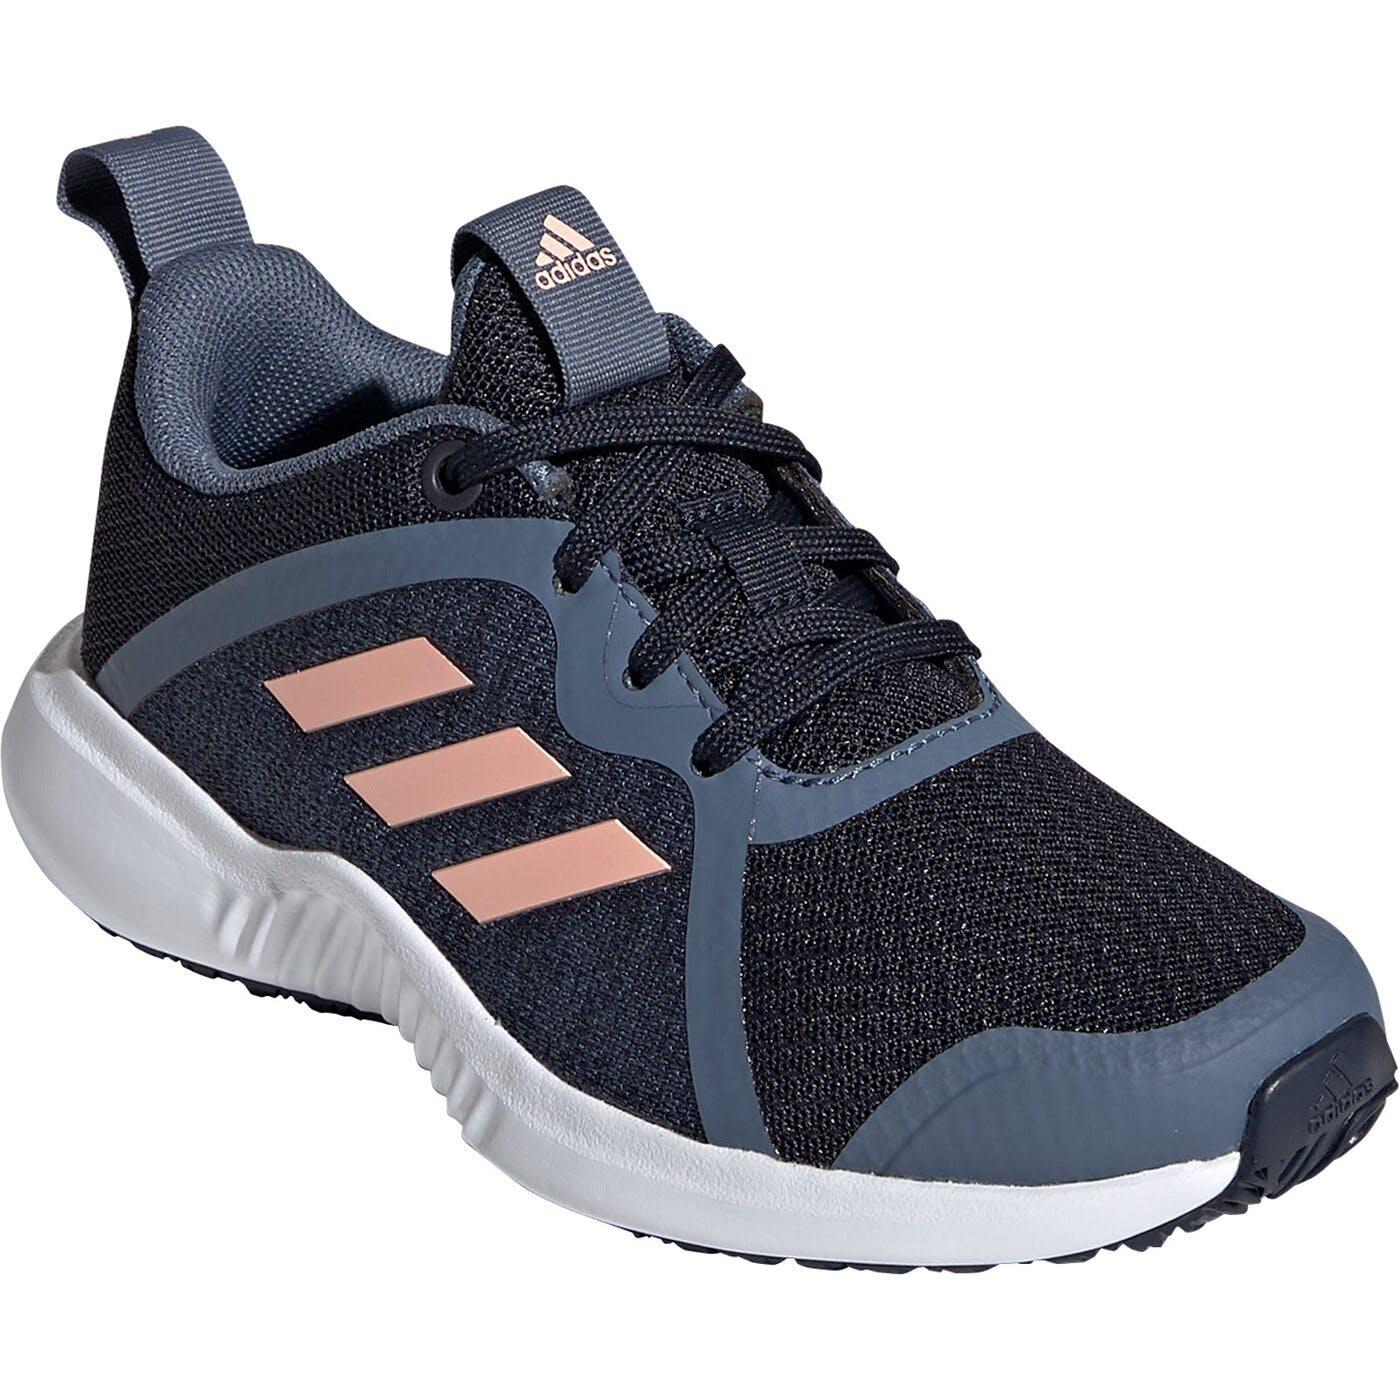 Adidas KIDS SPORTSCHUHE FORTARUN X (Gr. 35,5 - 39 1/3) für 14,99 € + 3,90 € VSK